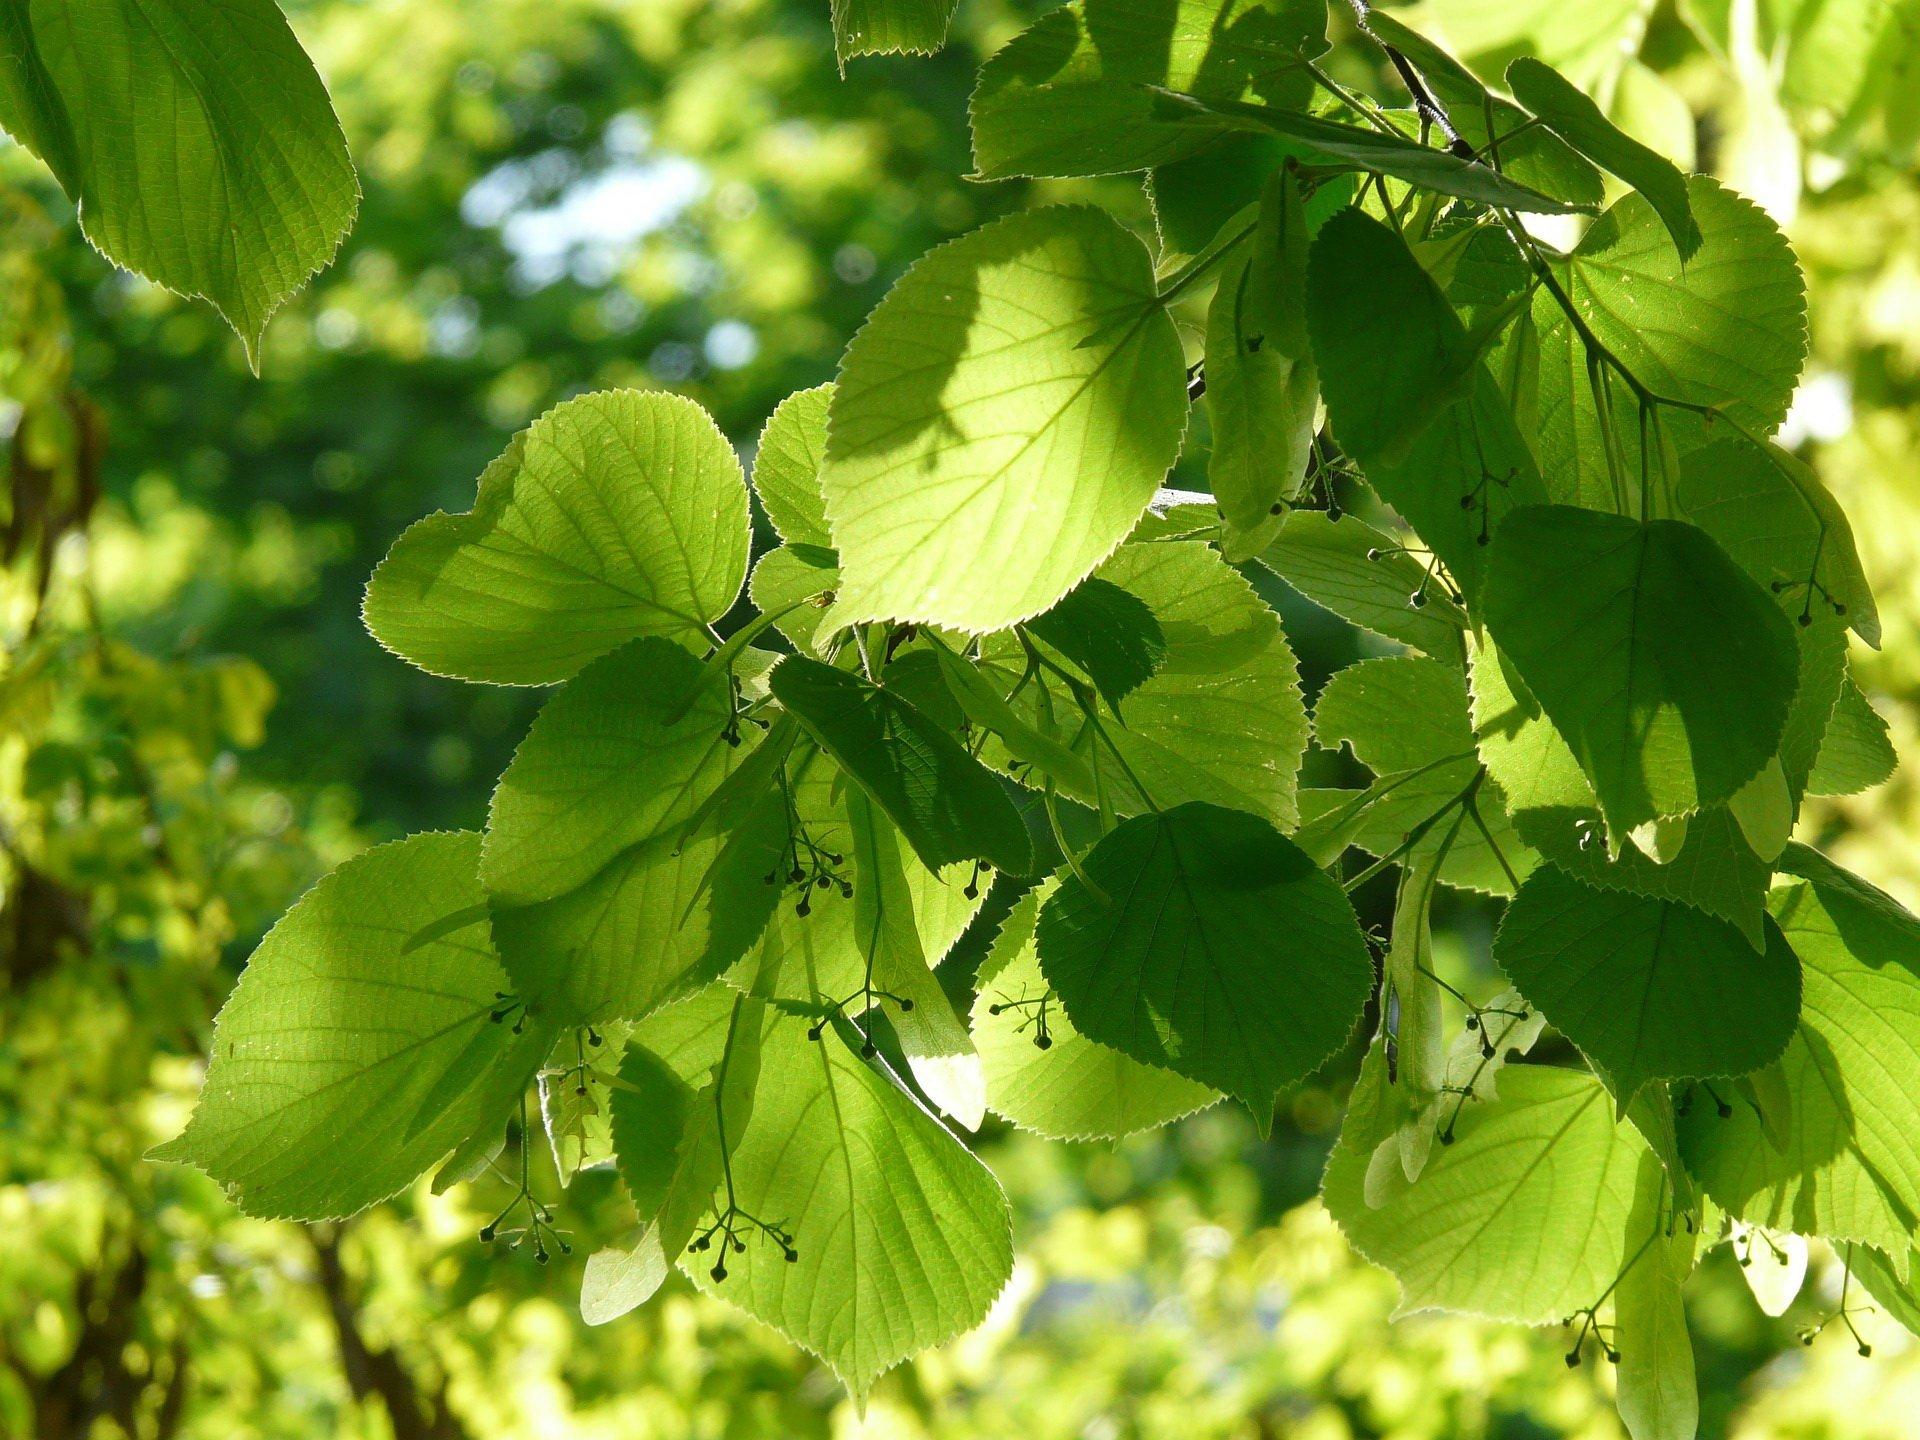 Zagadki o drzewach z odpowiedziami